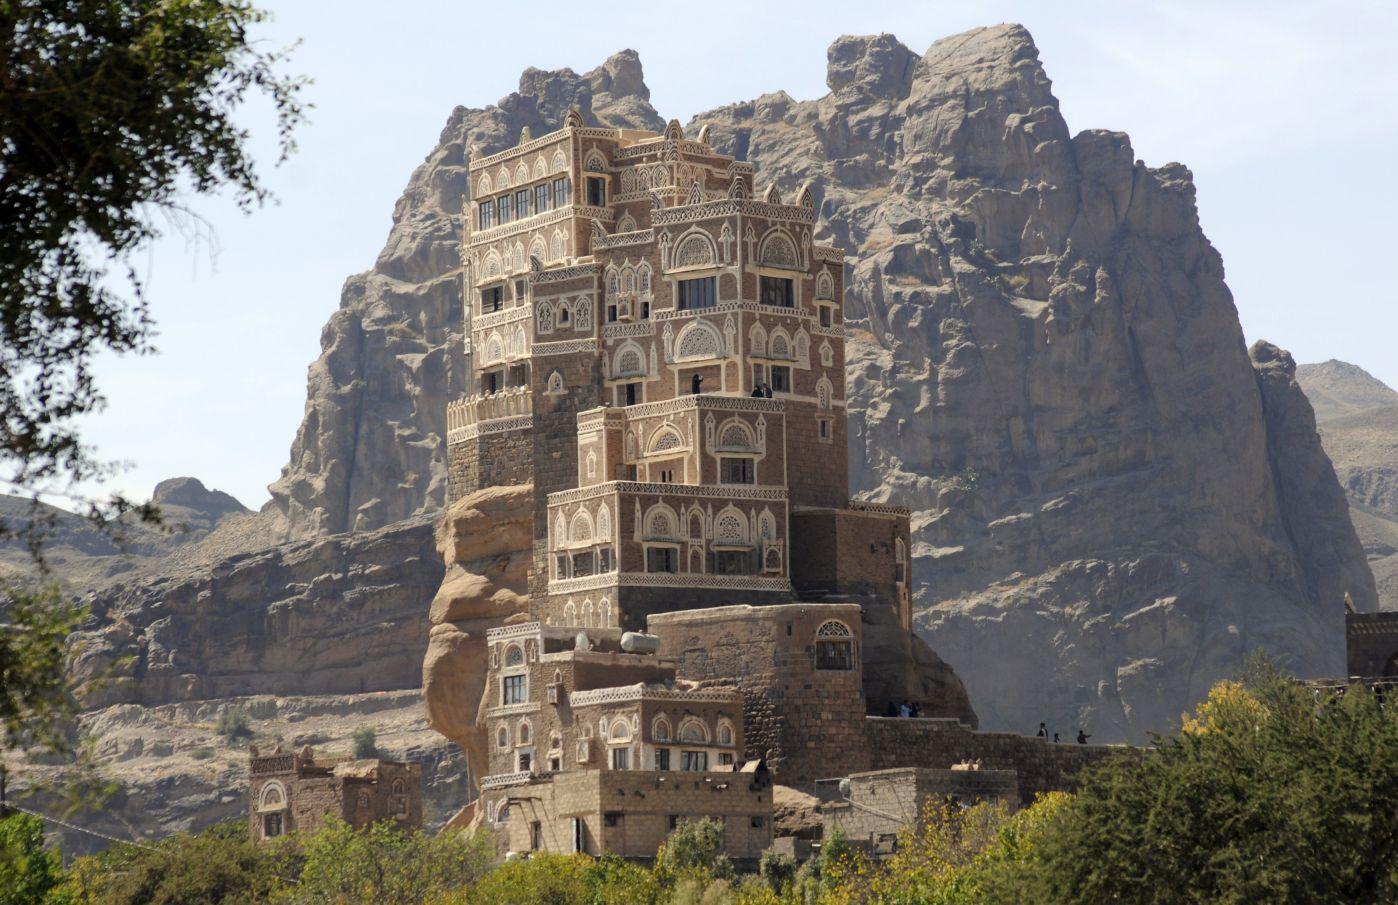 IKON YAMAN: Istana unik di atas tumpukan batu alami hasil kreasi manusia di tahun 1930.